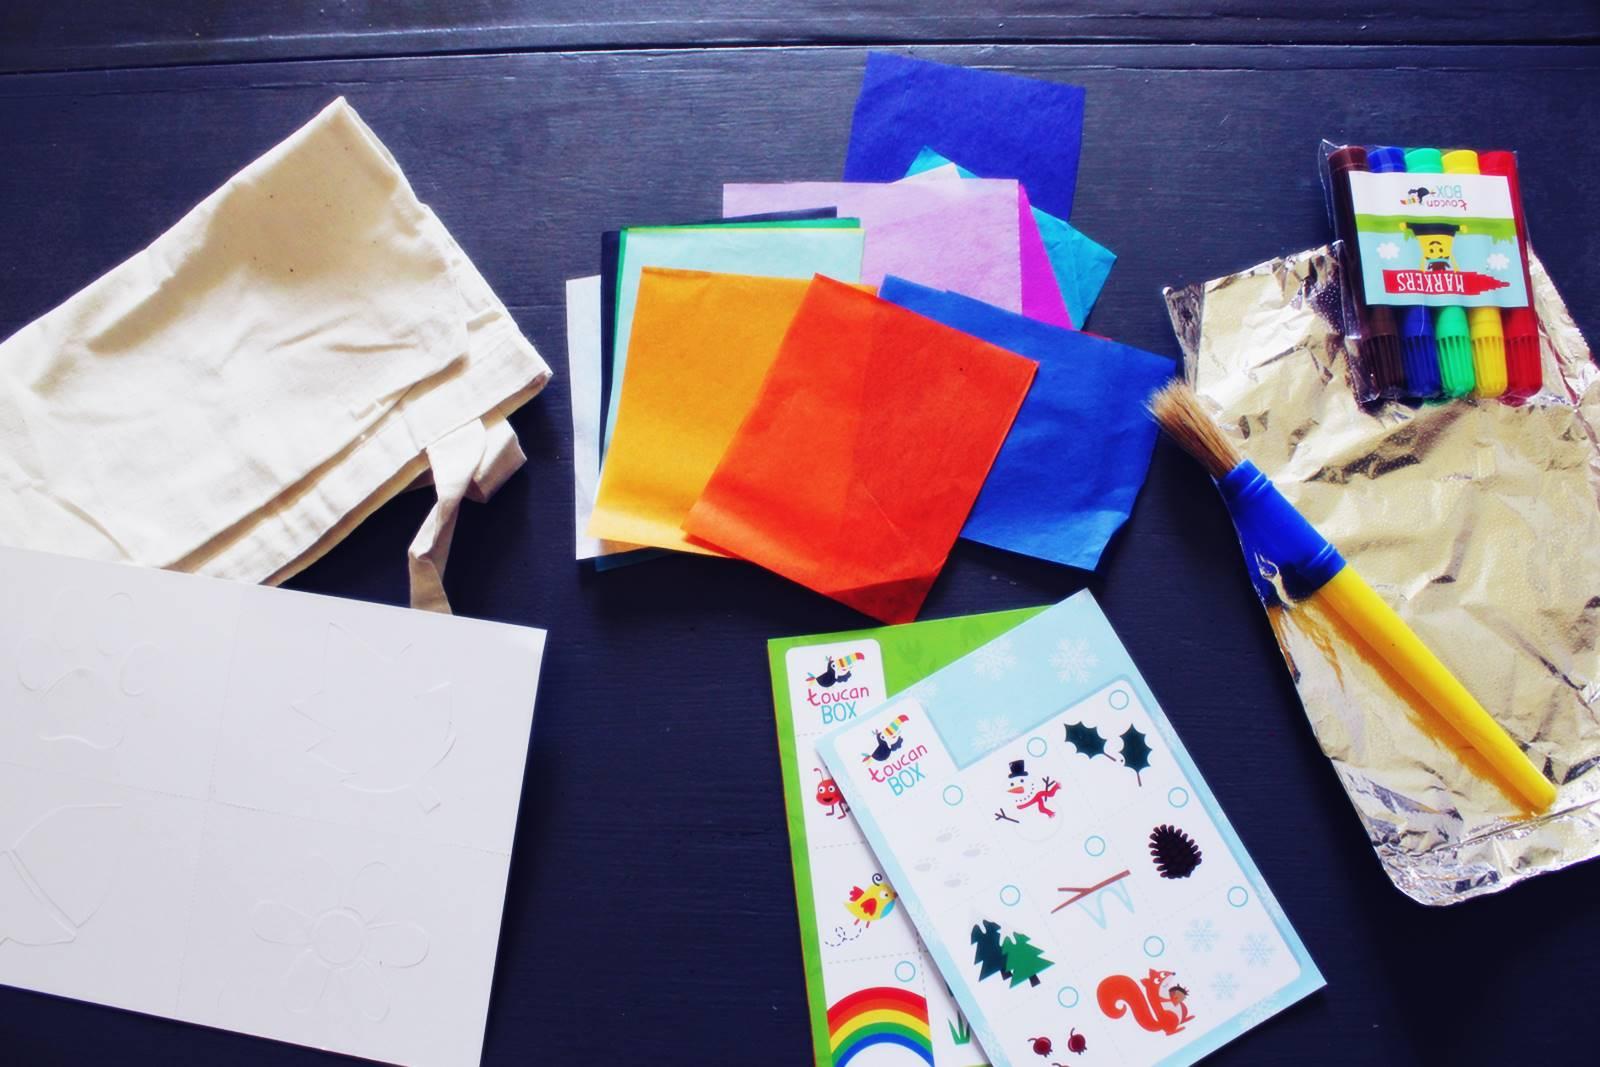 Toucan box zero dechet sac gratuite